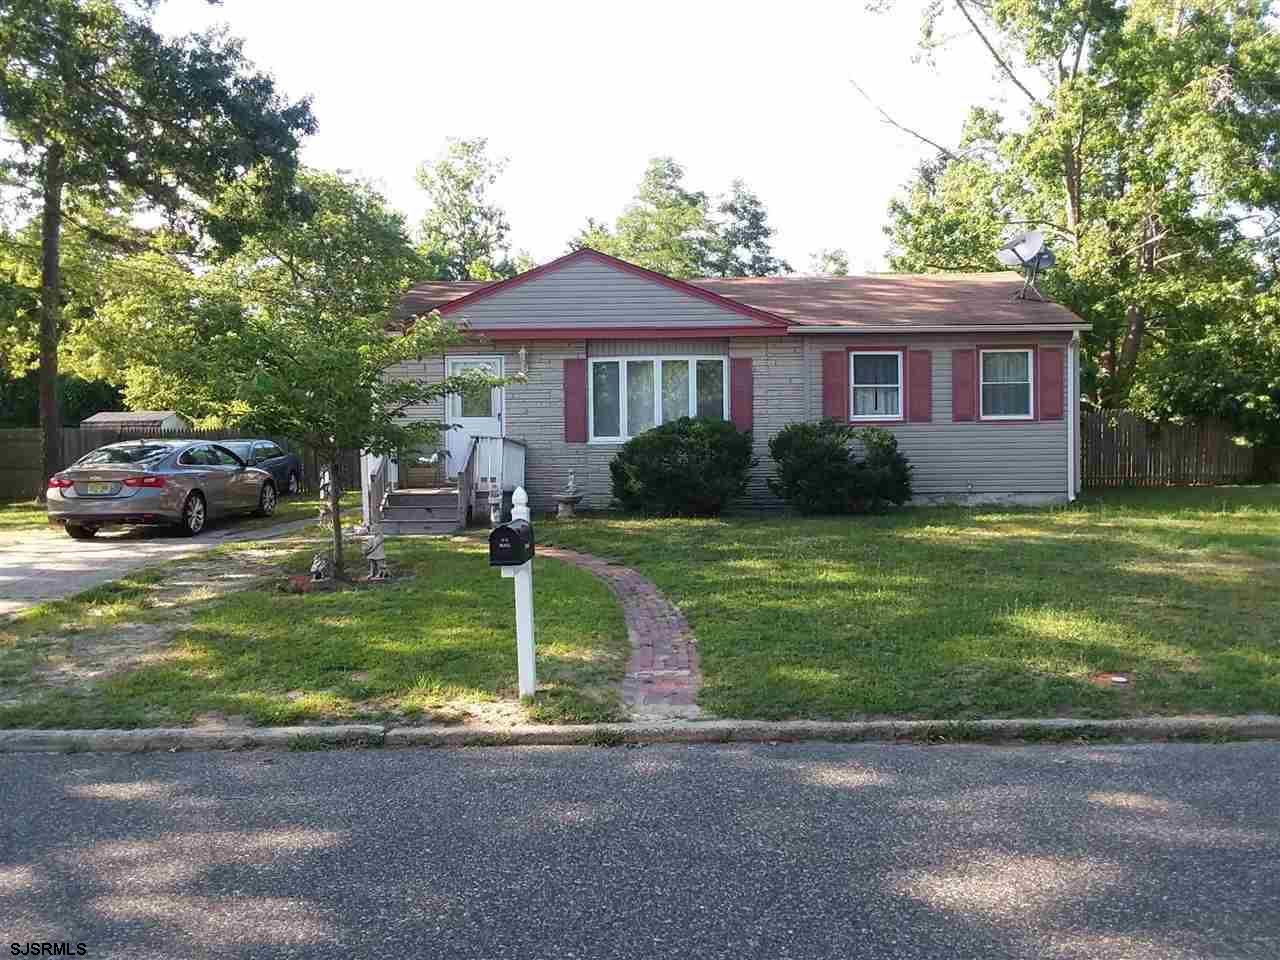 204 Newark Ave, Egg Harbor Township, NJ, 08234